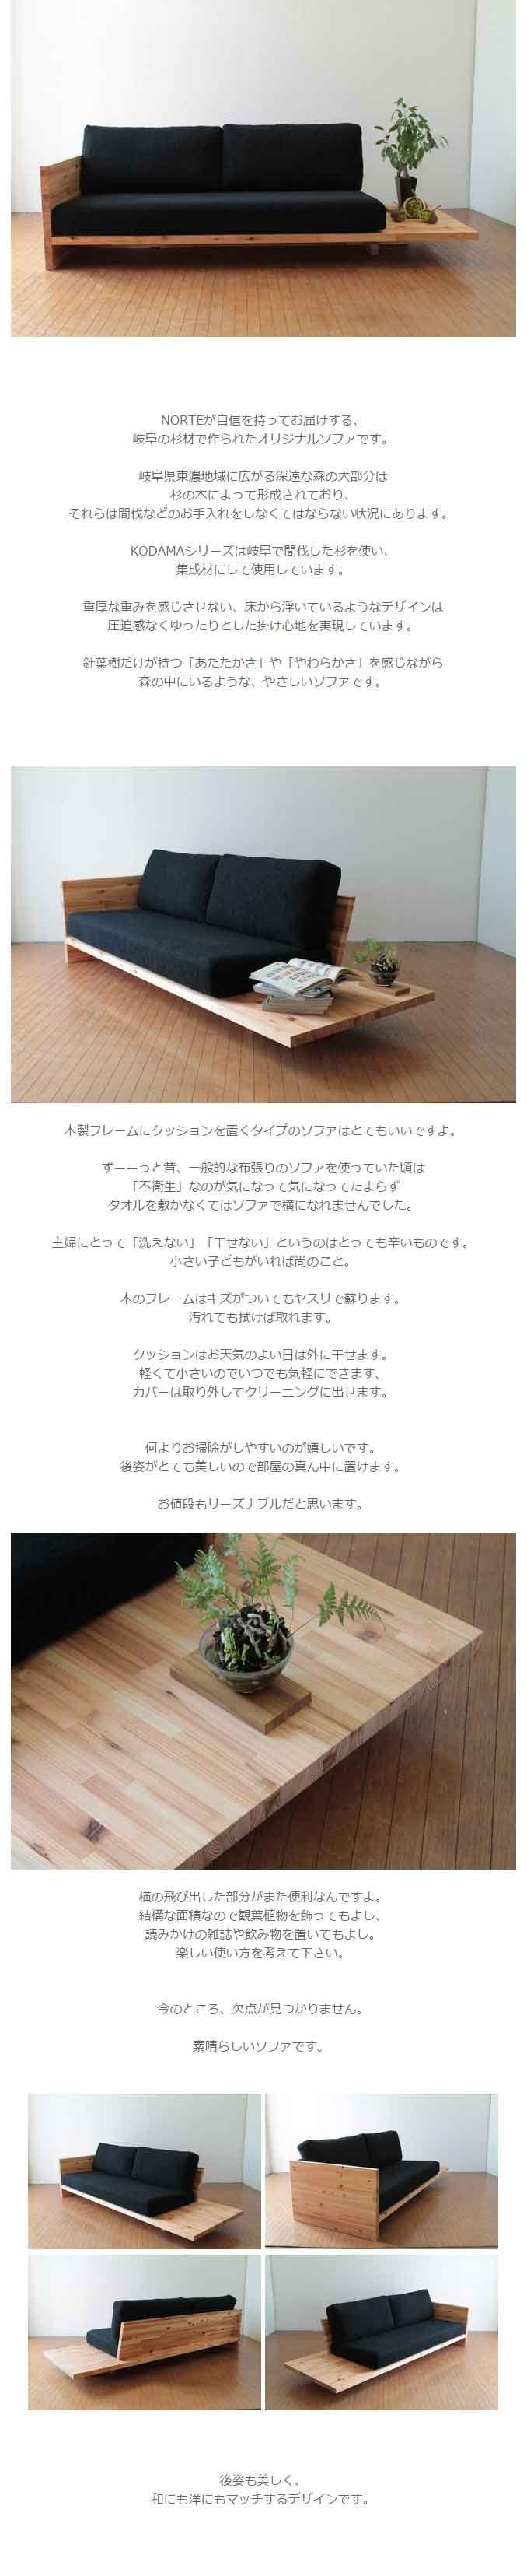 ソファ/3人掛け/ソファー/国産/杉/シック/モダン/無垢/オイル。国内生産 NRT-S-kodama-3P 選べるファブリック コダマ